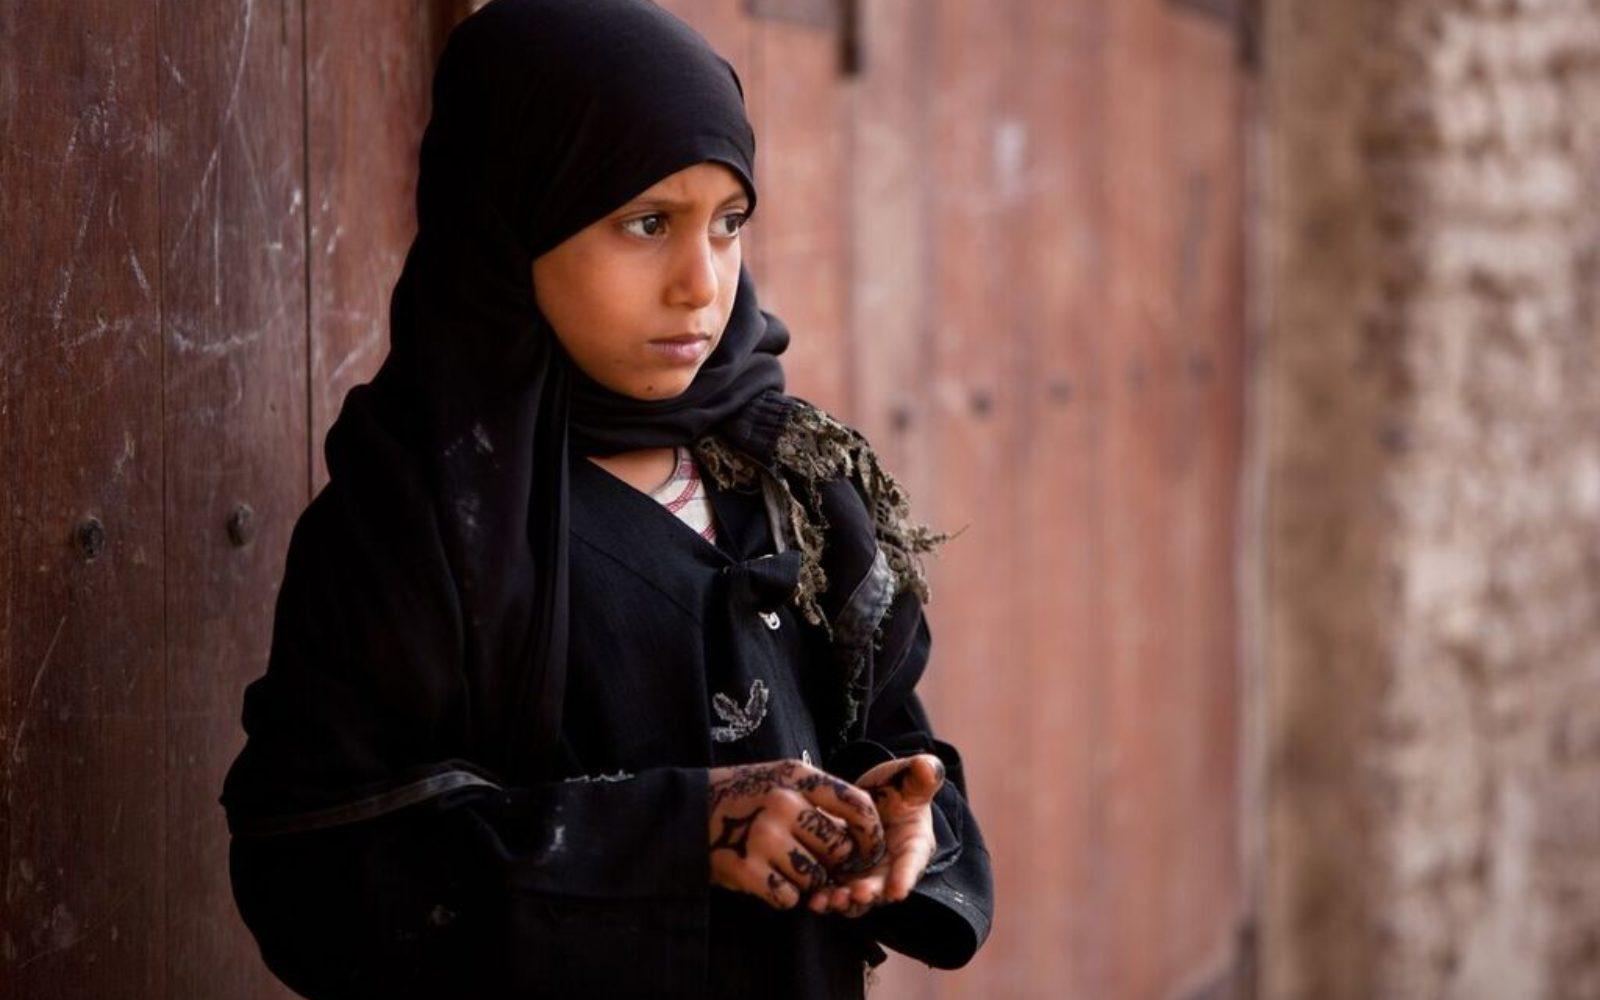 Mädchen wie ich: Eine dreiteilige Serie über Kinderehe in syrischen Familien